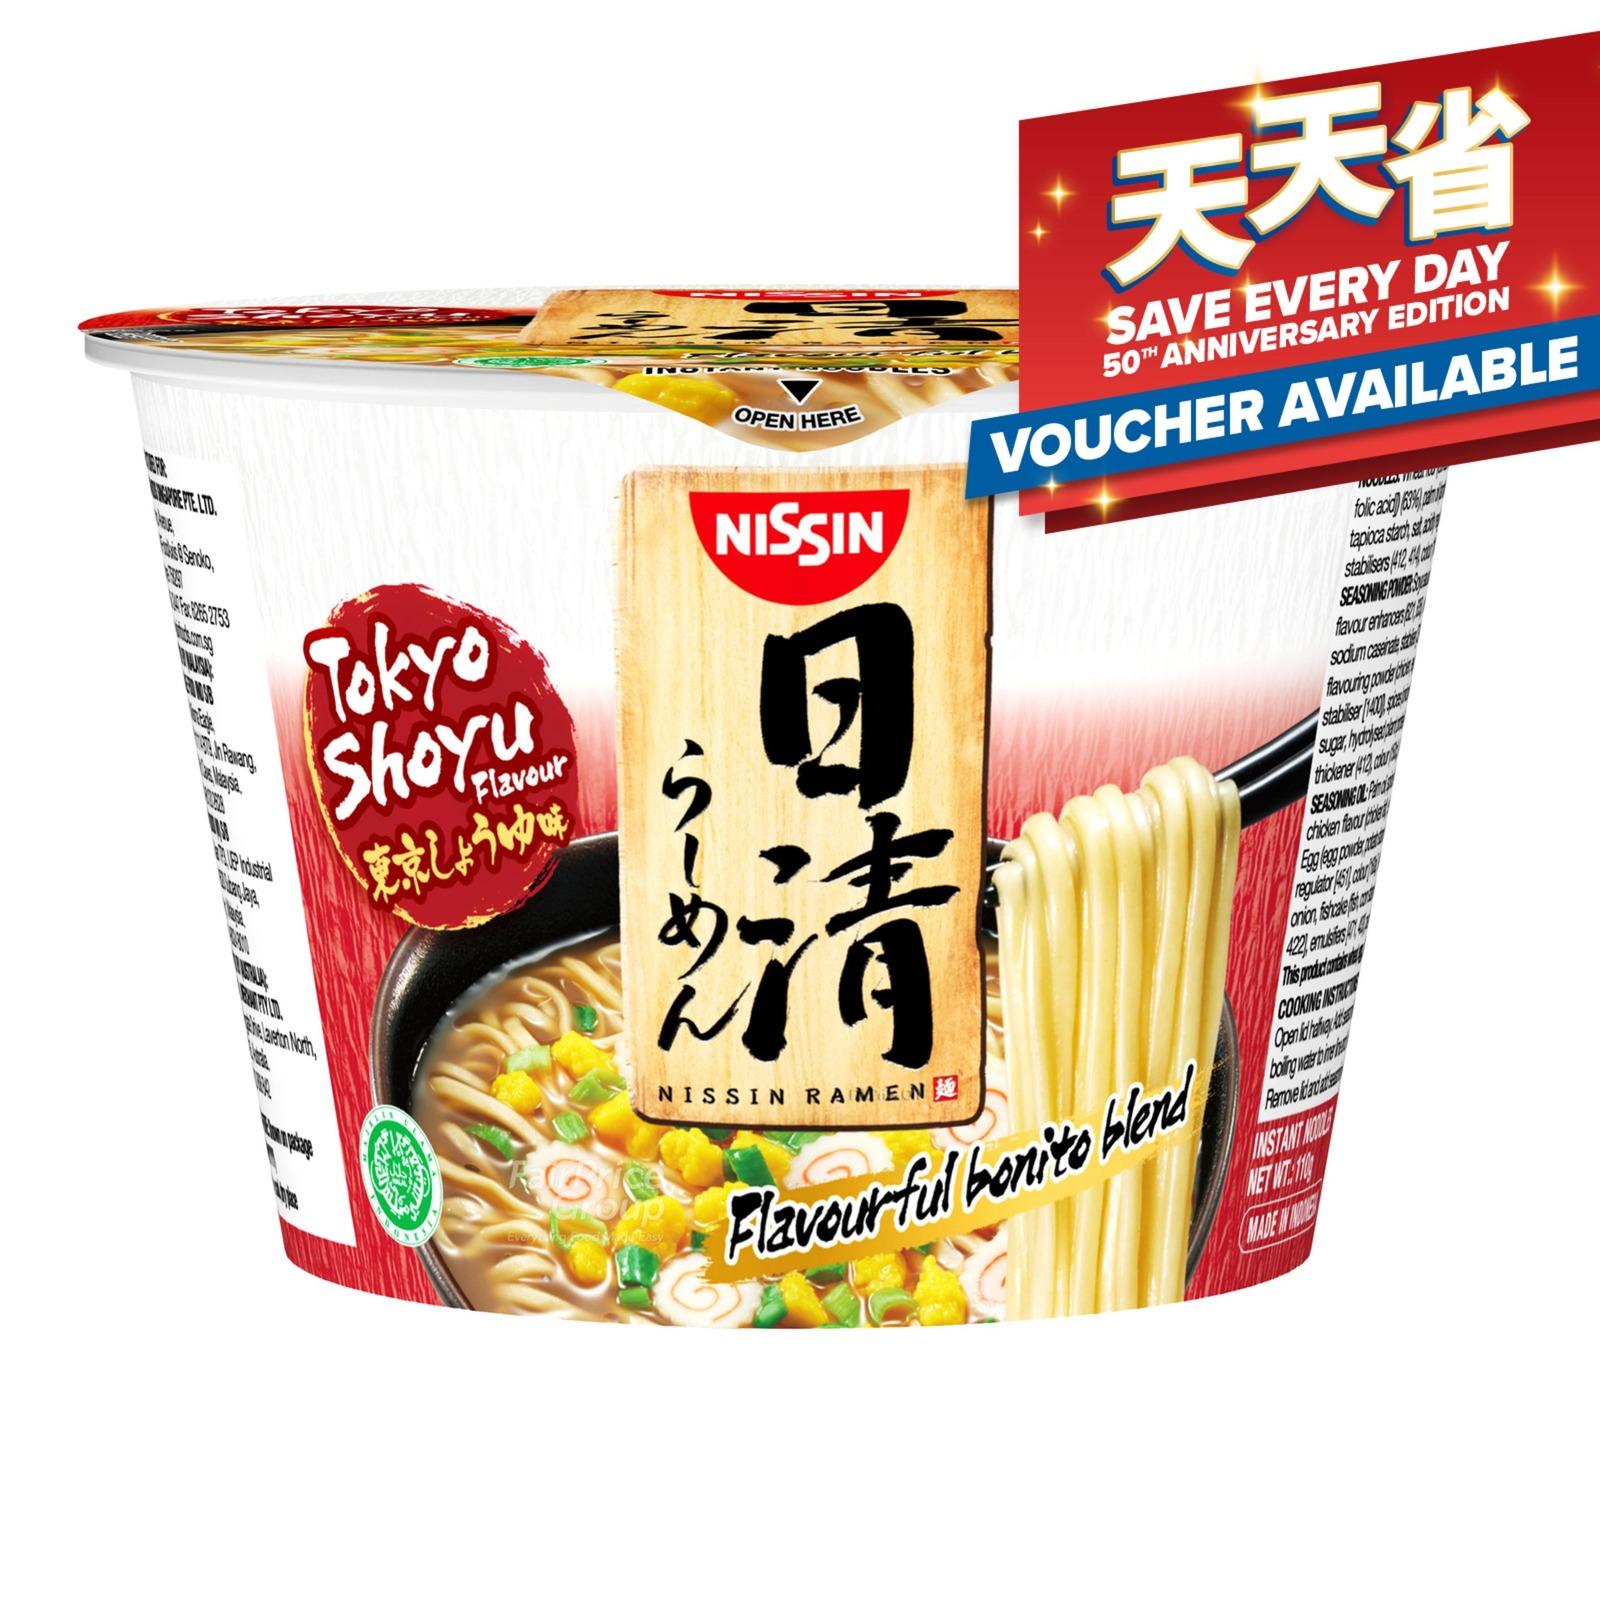 Nissin Instant Bowl Noodle - Tokyo Shoyu